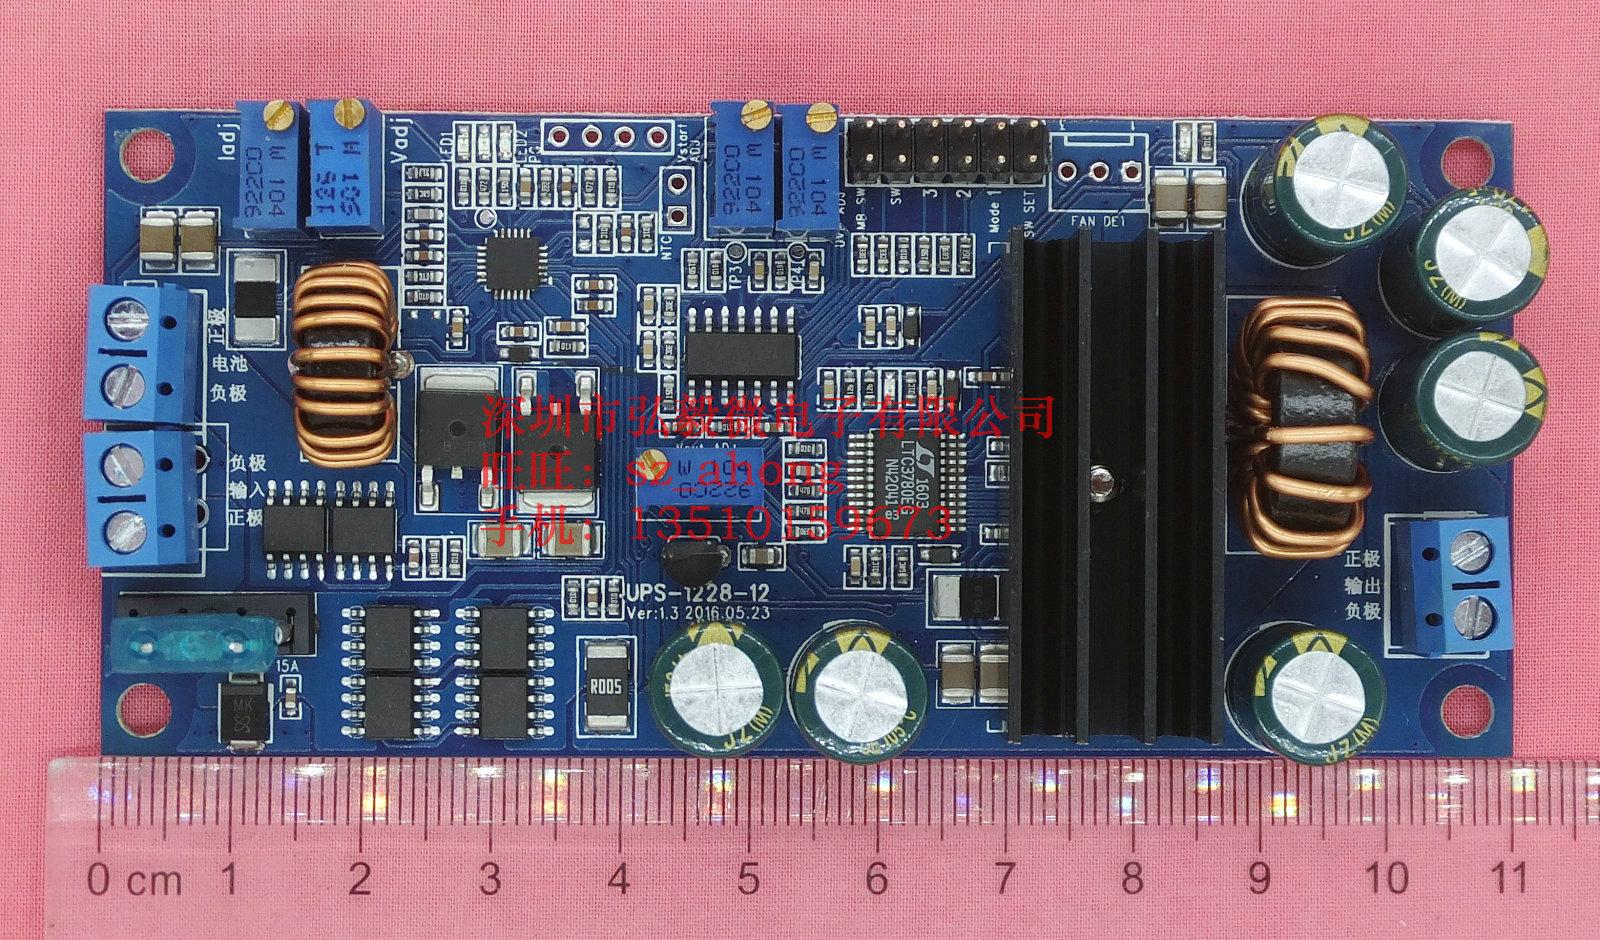 وحدة طاقة UPS DC ، مصدر طاقة غير منقطعة ، التحكم في الوصول إلى الكمبيوتر ، الأمن الصناعي ، مصدر طاقة النسخ الاحتياطي DC